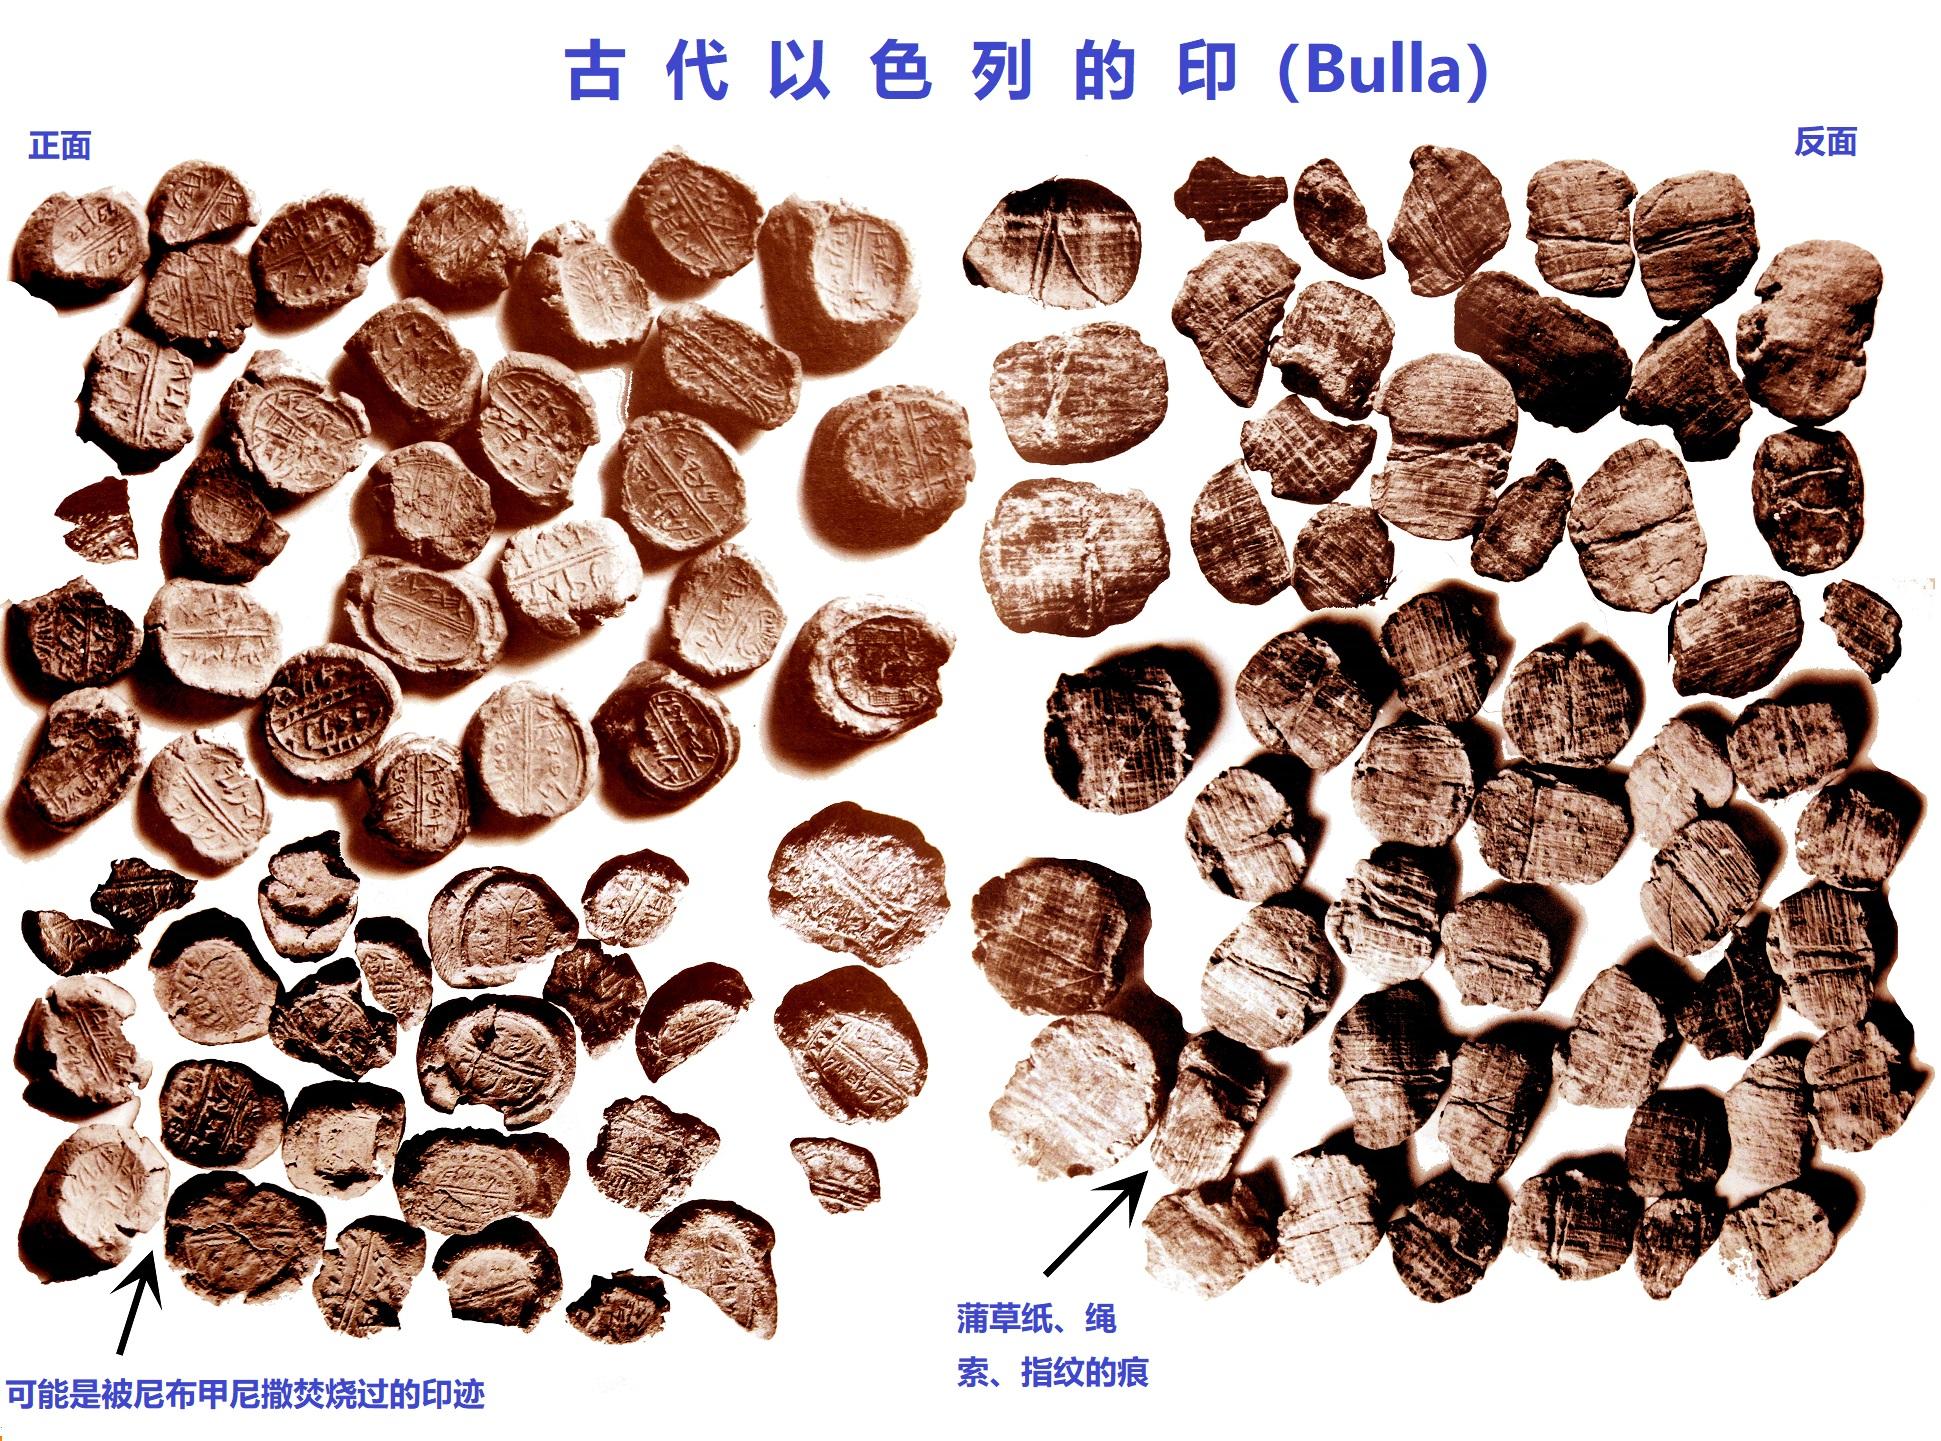 上图:以色列博物馆收藏的古代以色列的印(Bulla),这些印是干燥的粘土块,被石头印章压上了文字和图案。古代中东人广泛使用印章作为真迹和权威的标记,用来使文件生效、封缄门户和各种容器。美索不达米亚最普遍的印章形式是圆筒印章,但以色列则以平面印章较为常见。